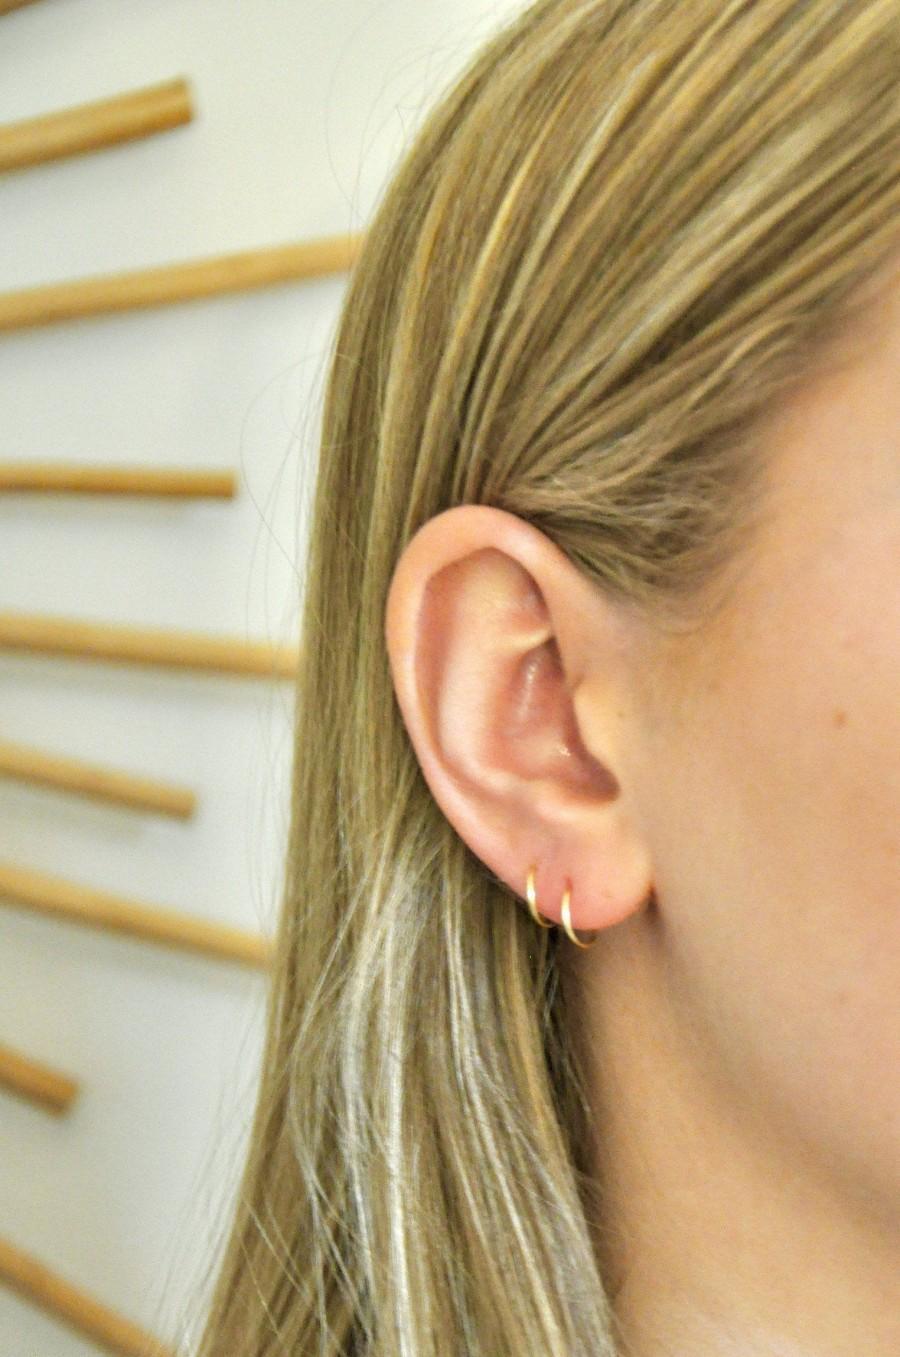 زفاف - Tiny Hoop Earrings Pair/ Small Hoop Earrings/ Thin Hoop Earrings/ Silver Hoops/ Tiny Gold Hoops/ Ear Huggers/ Cartilage Earrings/ Rose Gold